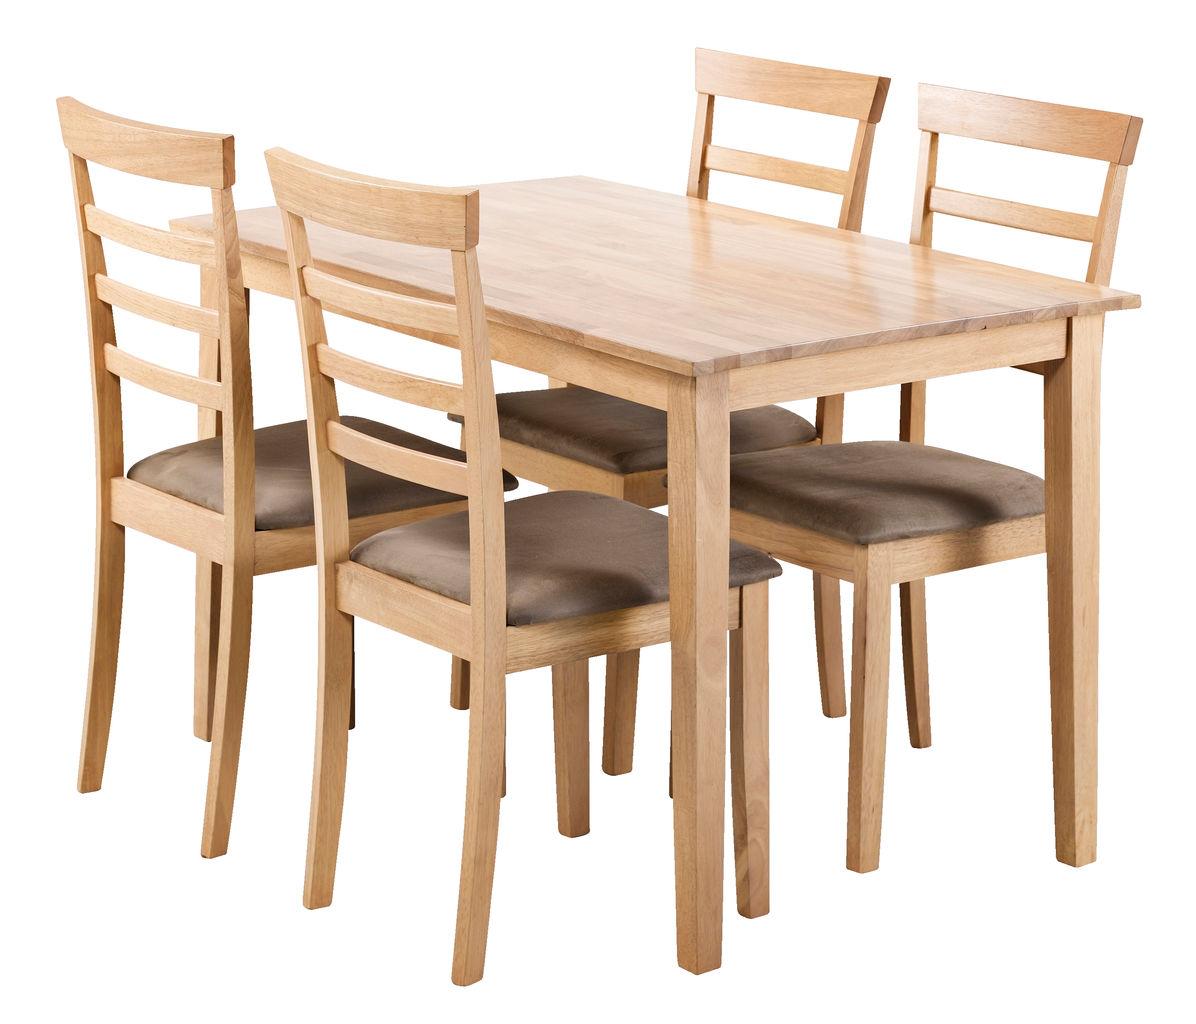 92163ad975241 Stôl BJERT + 4 stoličky BJERT farba buka